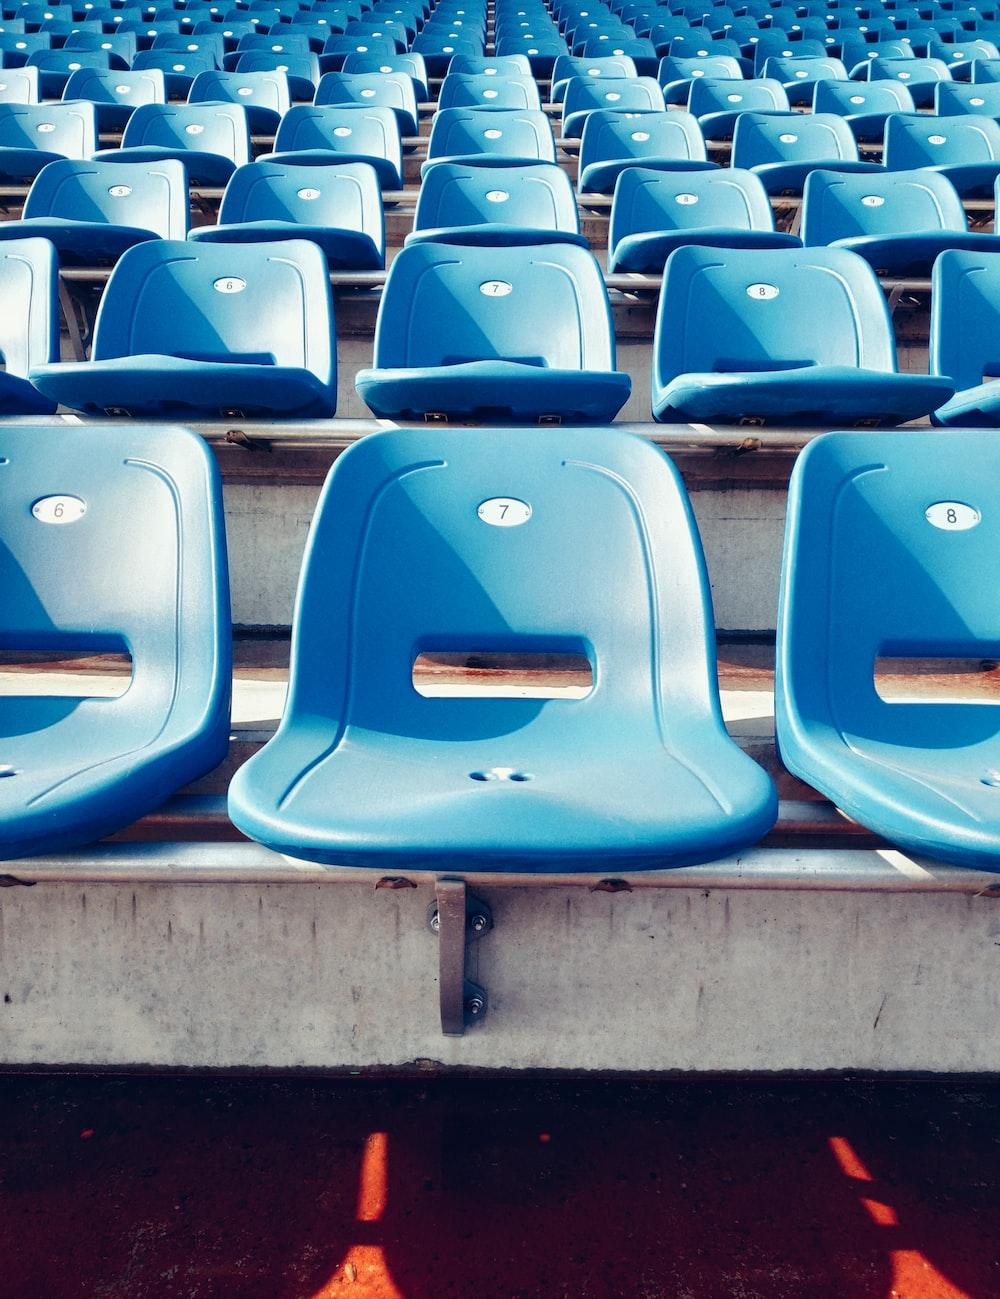 blue plastic chairs at stadium